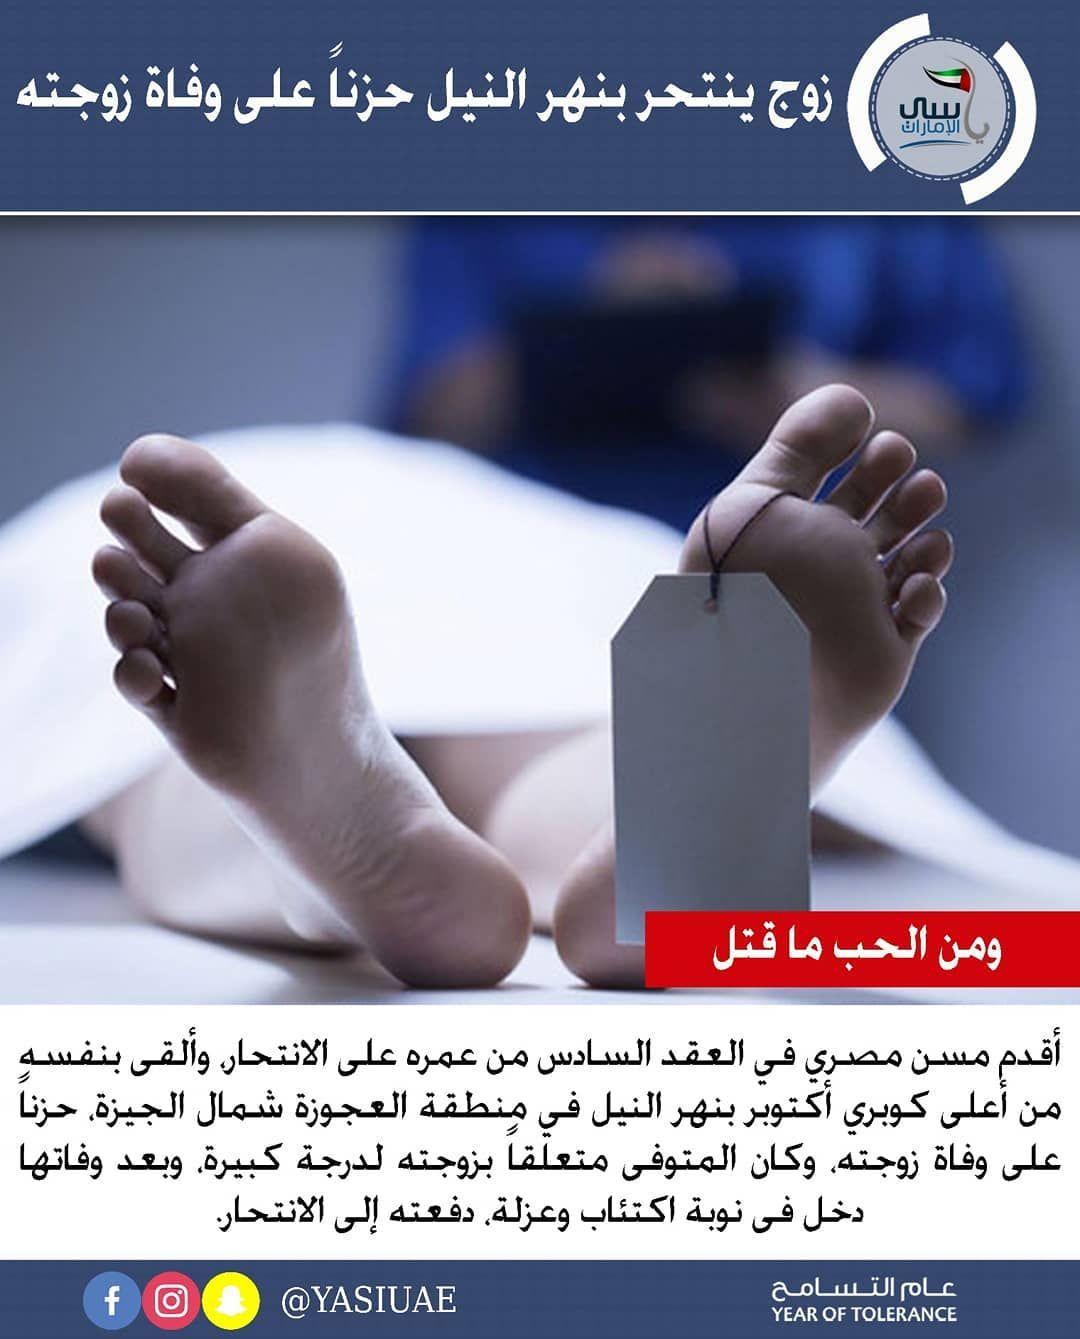 ياسي الامارات مصر مصري النيل نهر النهيل القاهرة اخبار خبر Tolerance Holding Hands Years